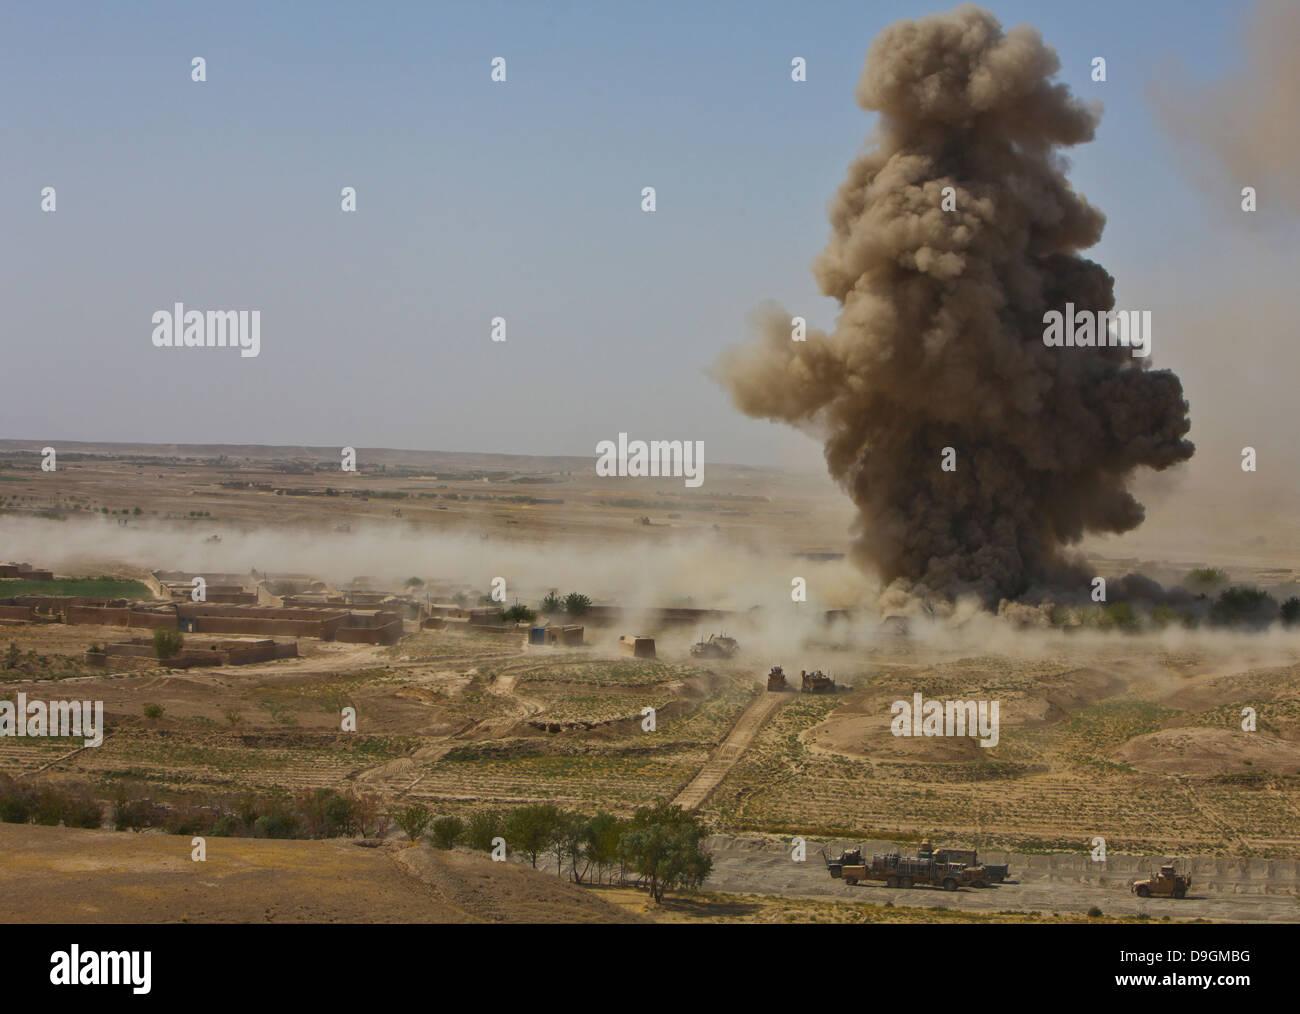 Eine Wolke aus Staub und Schutt steigt in die Luft in Afghanistan. Stockbild